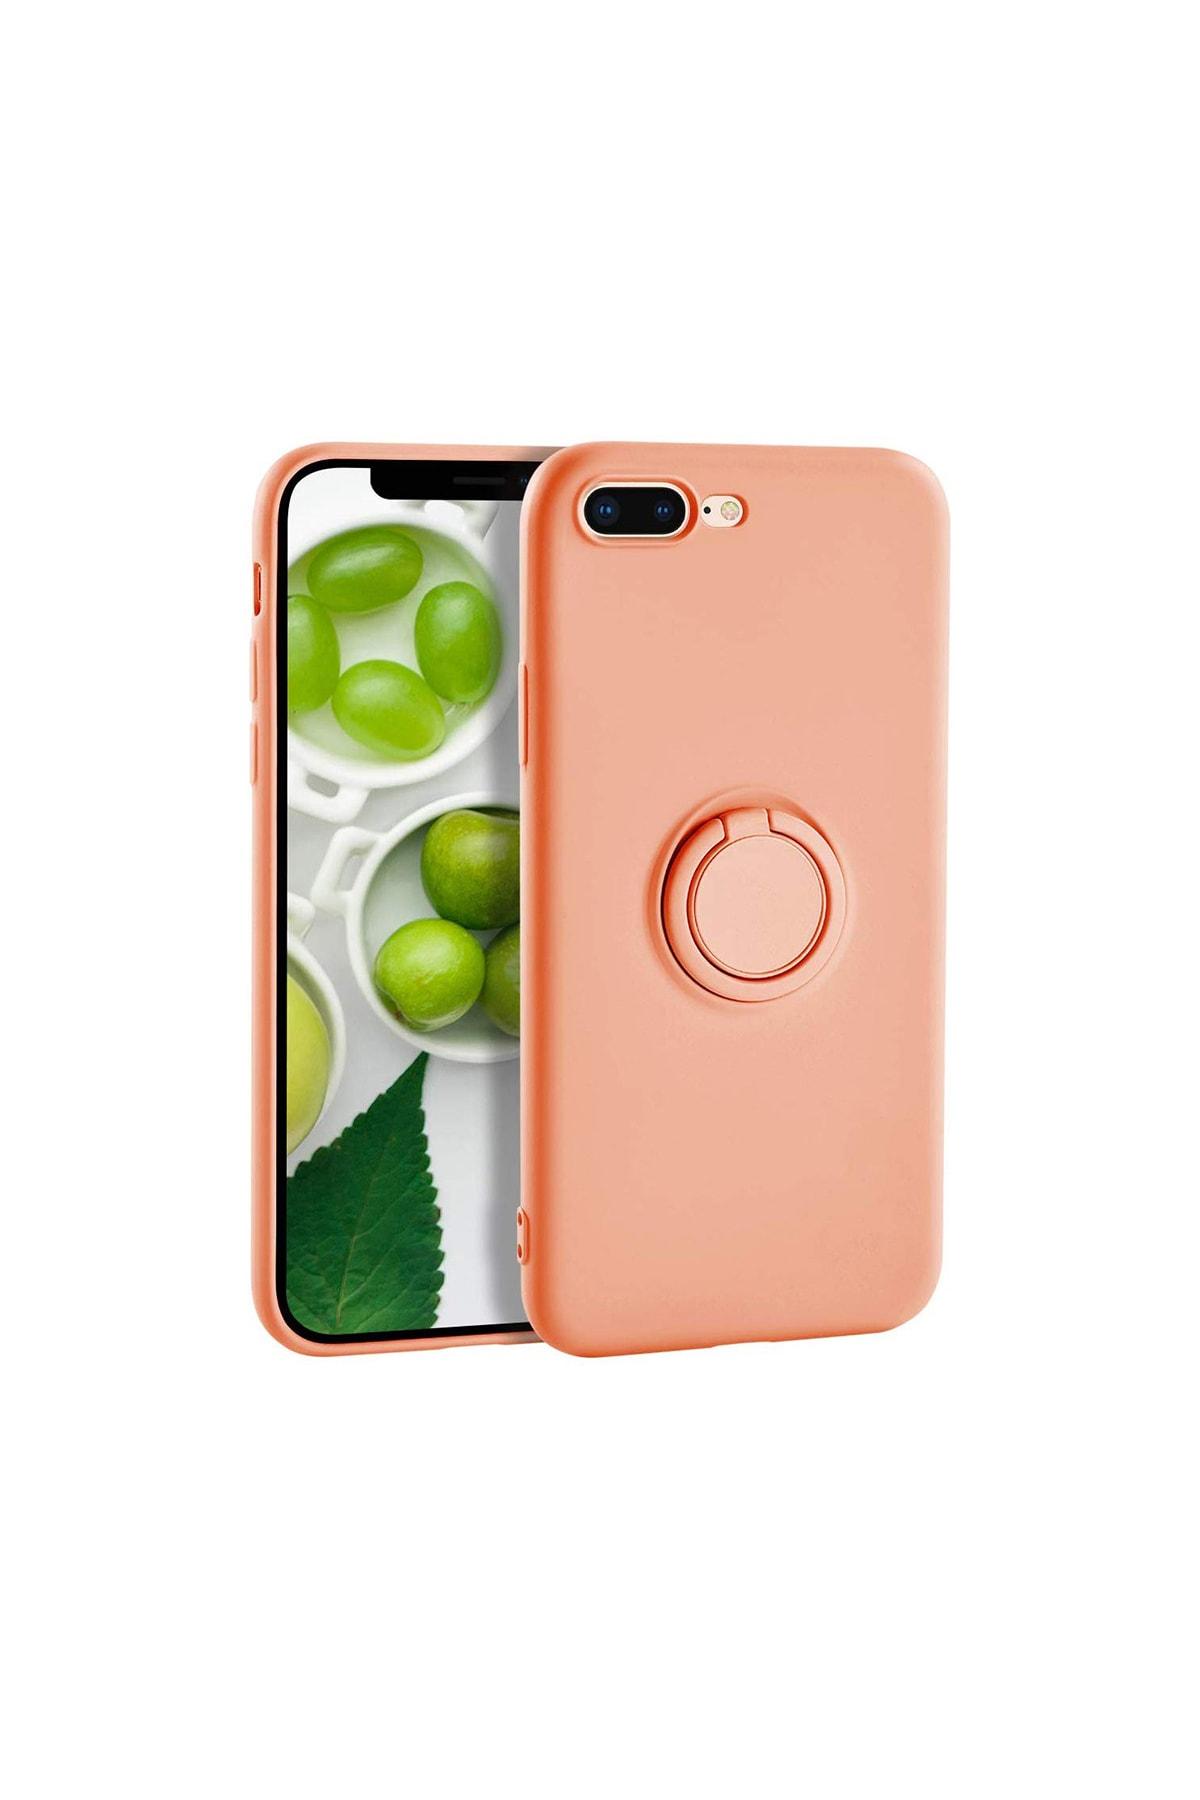 casemarkt Iphone 7 Yüzüklü Standlı Silikon Yavruağzı Telefon Kılıfı 1